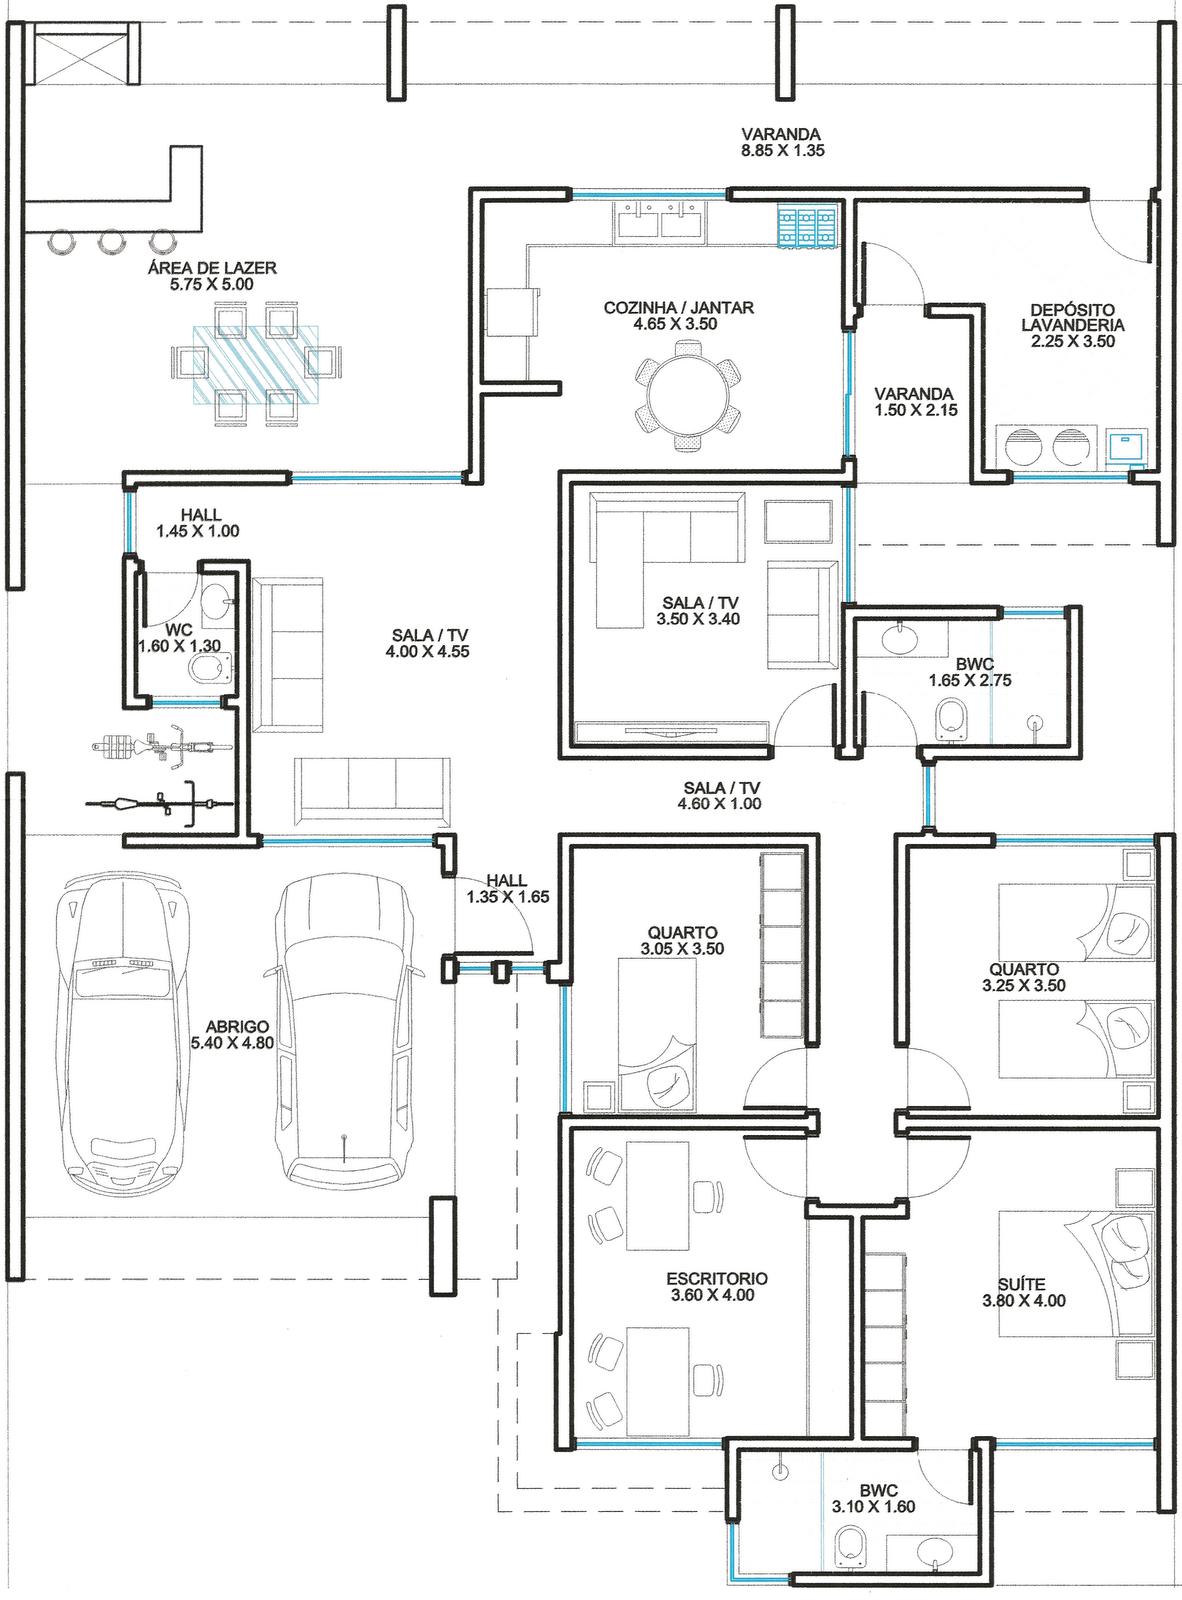 Blog da arquiteta quero prestar vestibular para for Plantas para casa